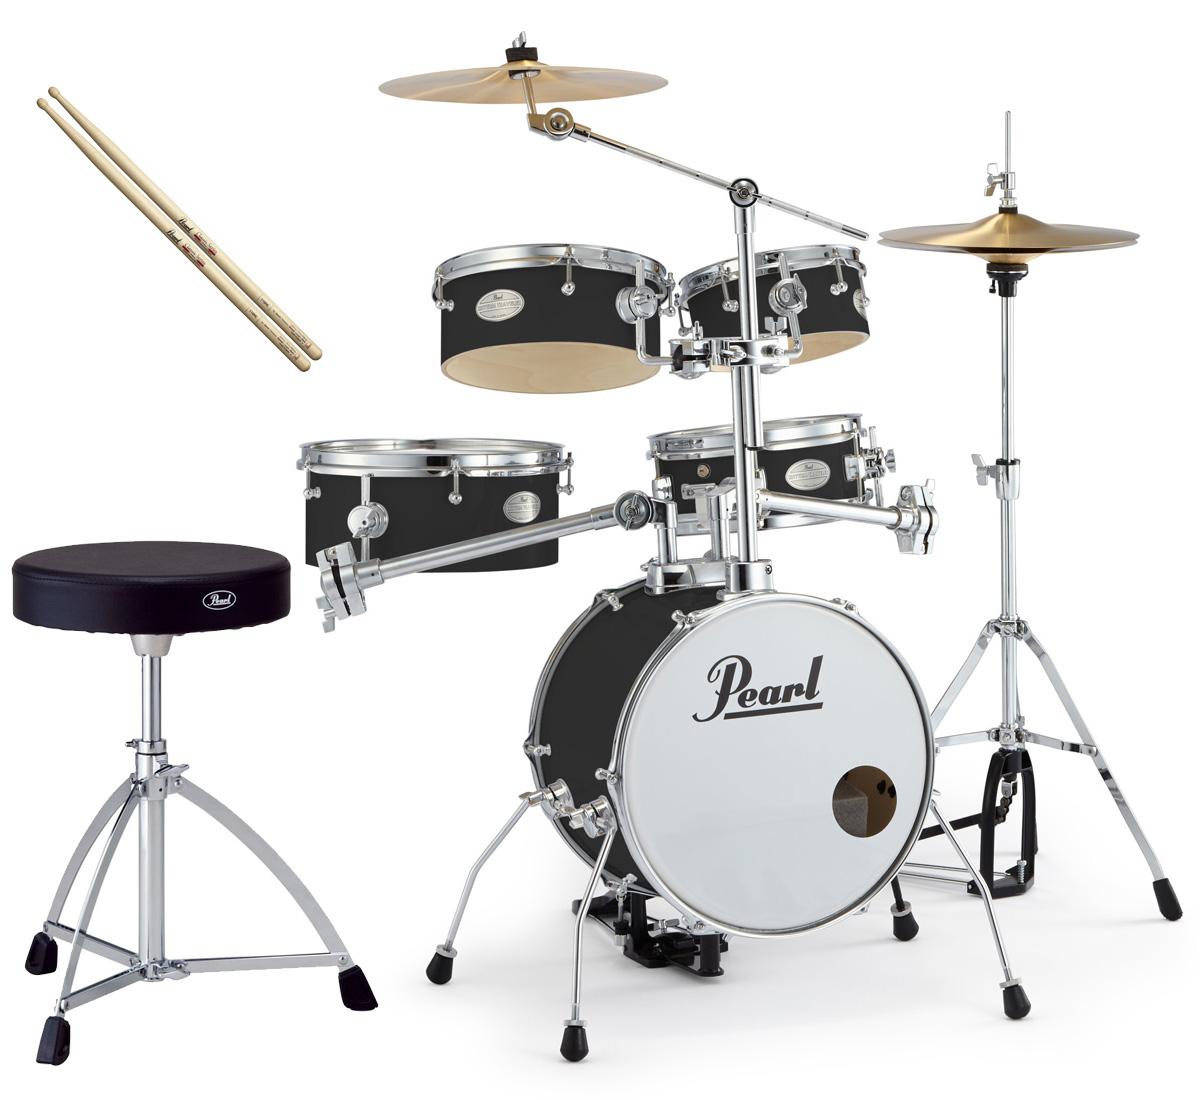 Pearl 小型 ドラムセット RT-645N/C 31-ジェットブラック リズムトラベラー ver.3S パール純正ドラムイスとスティックセット